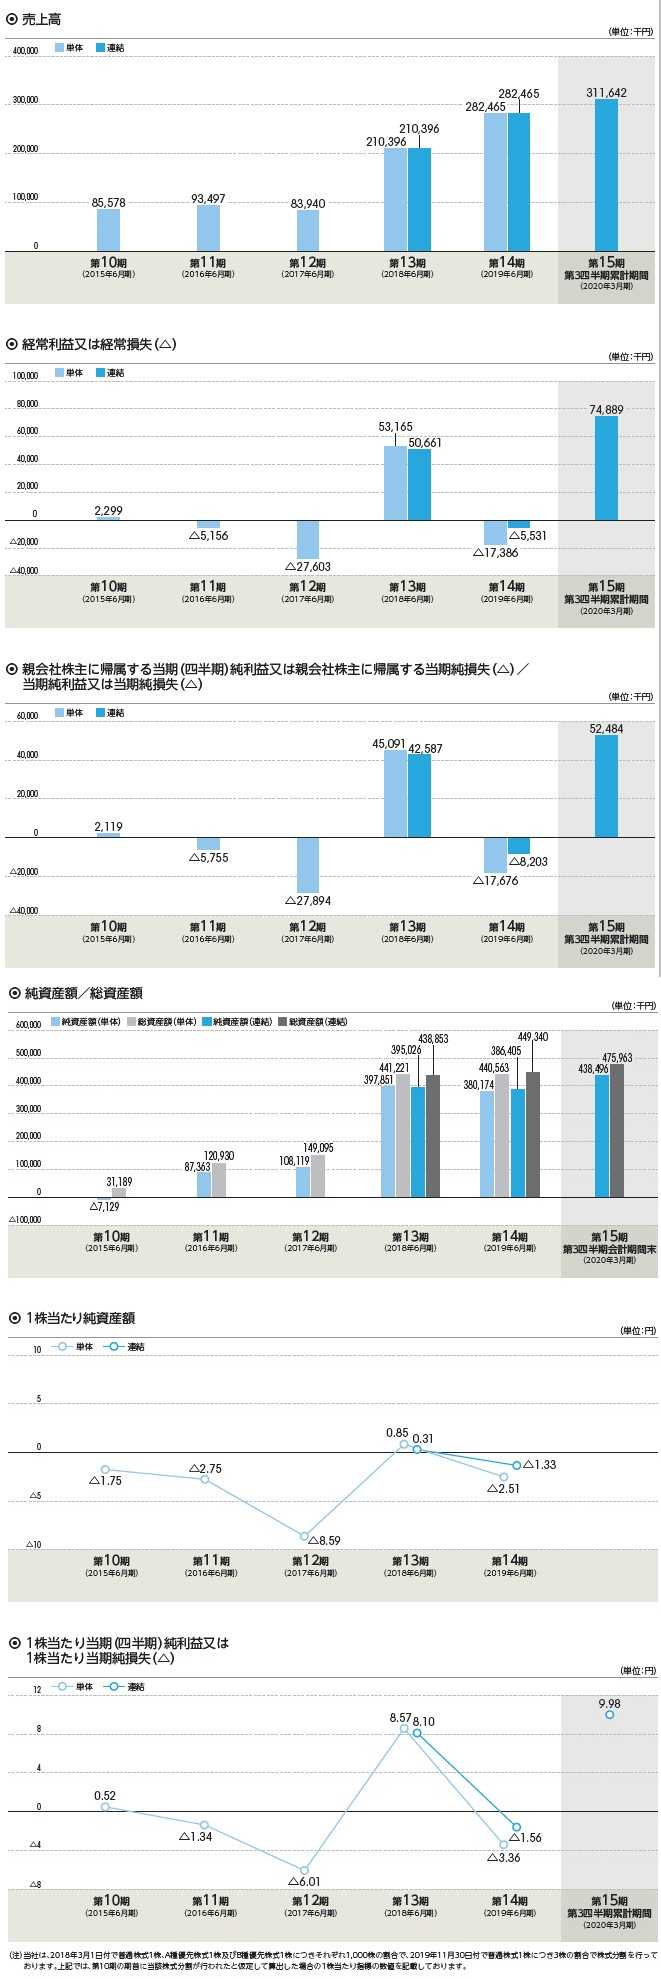 フィーチャの経営指標グラフ